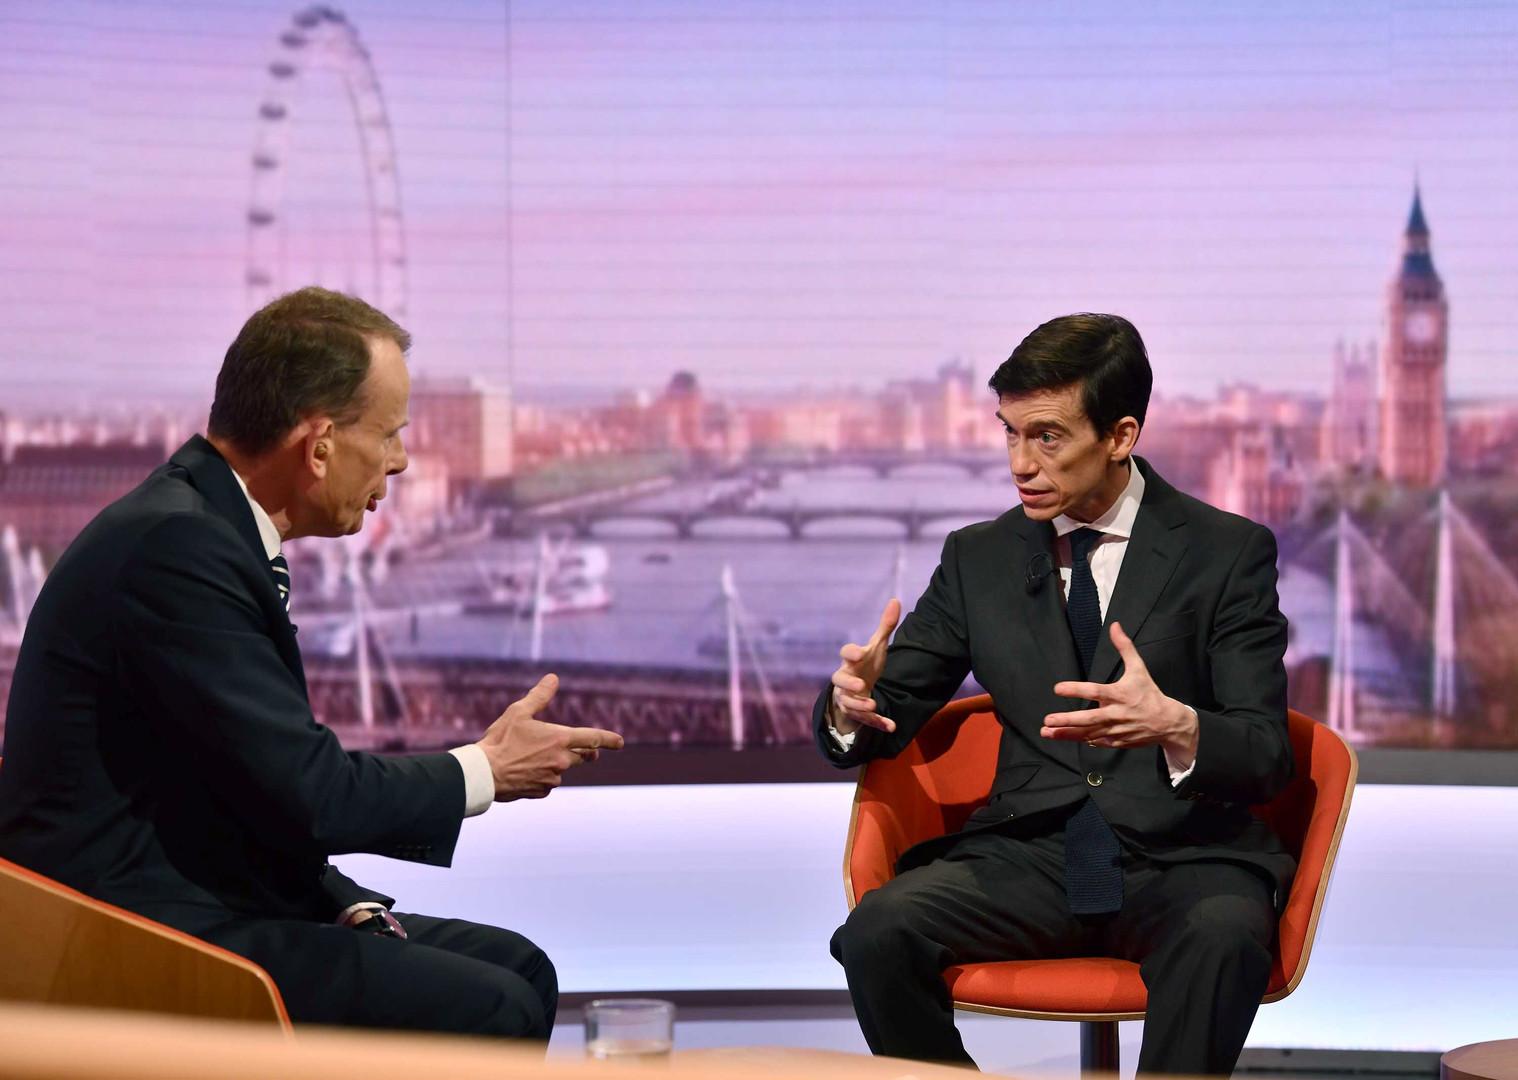 روري ستيوارت مرشح لمنصب رئيس الوزراء البريطاني في برنامج تلفزي